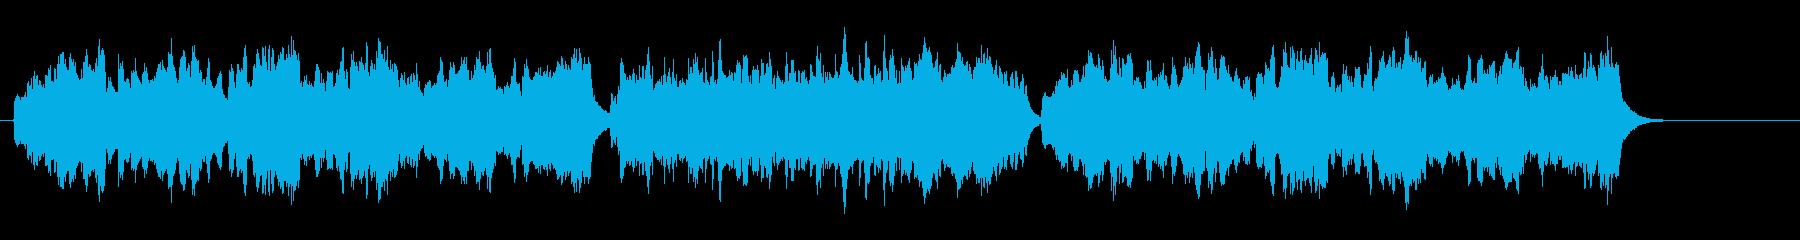 バロック風味のコンチネンタルミュージックの再生済みの波形